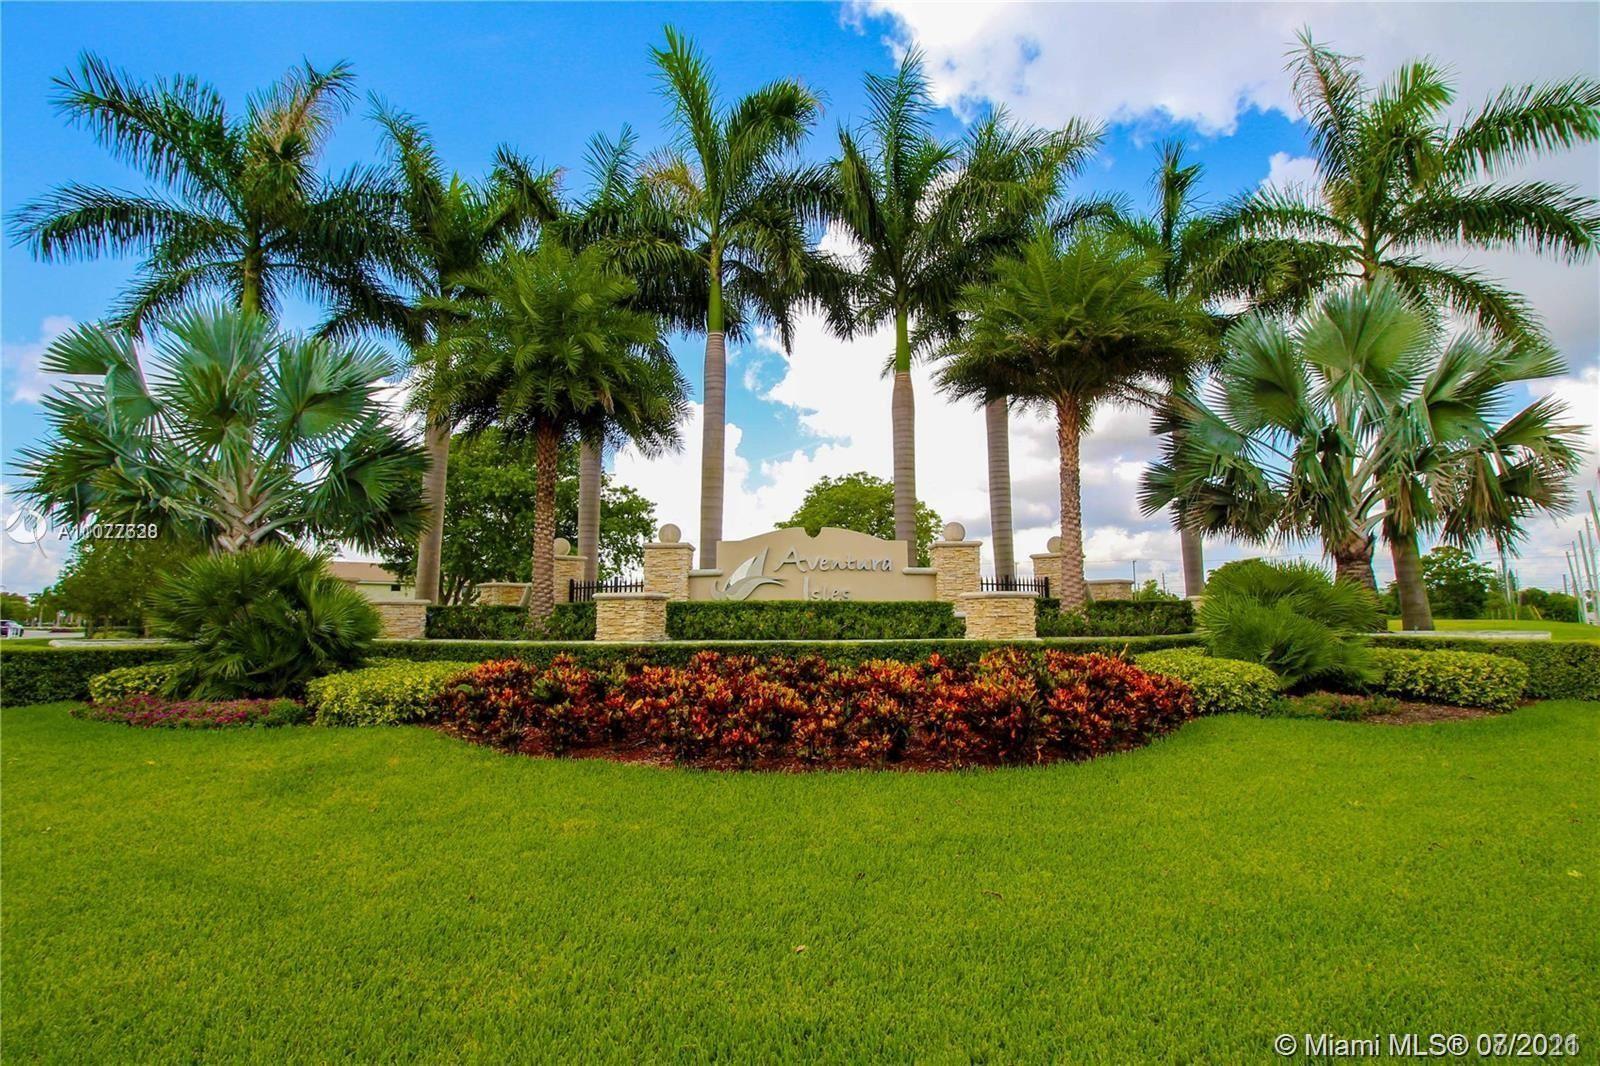 576 NE 191st St, Miami, FL 33179 - #: A11077628